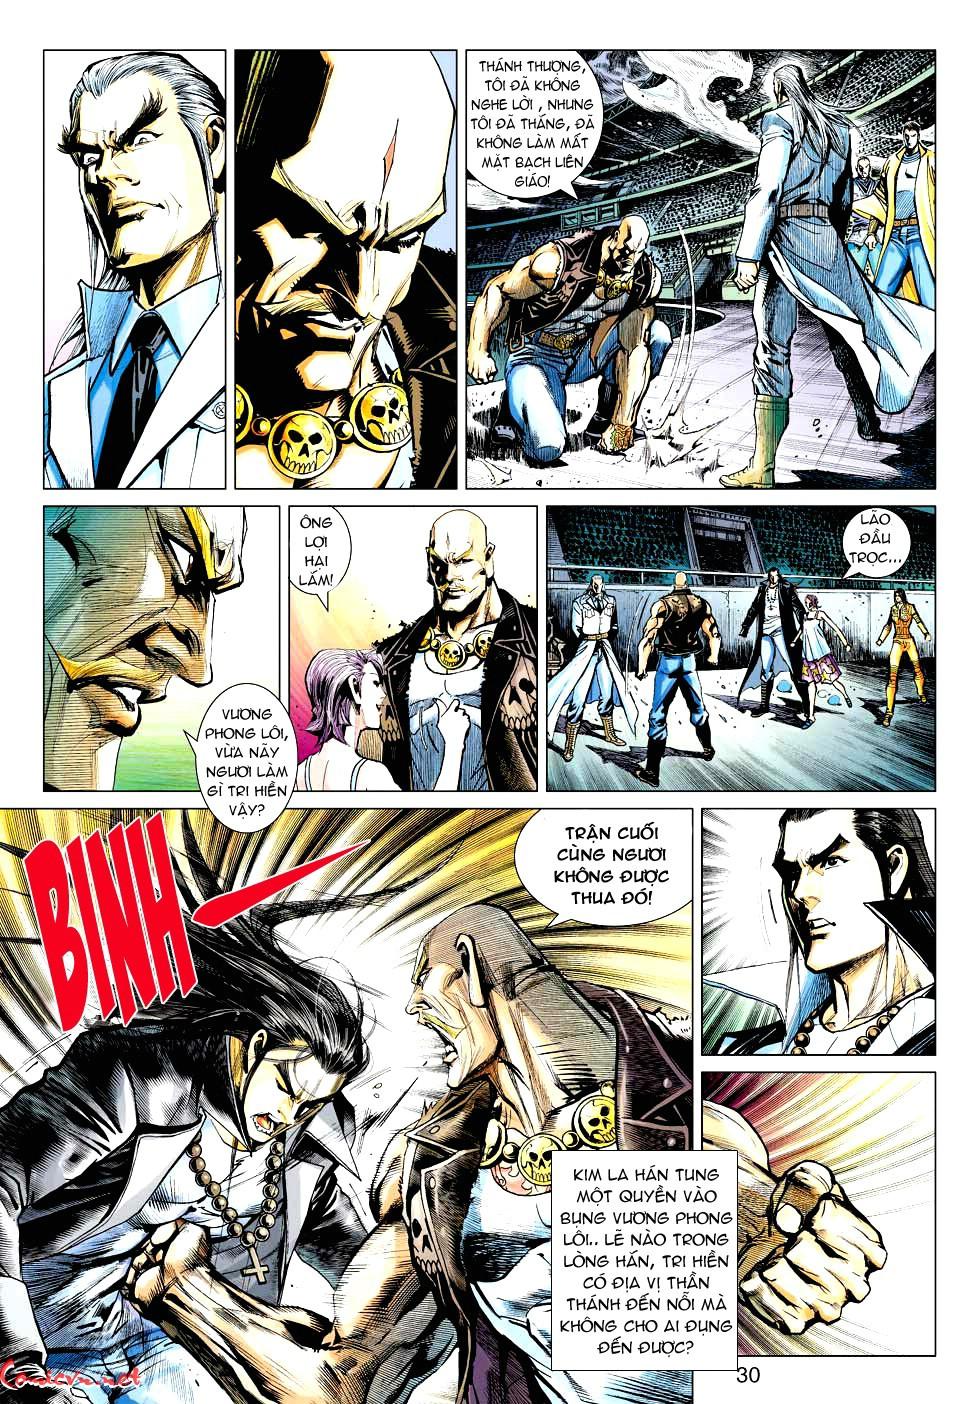 Vương Phong Lôi 1 chap 30 - Trang 27